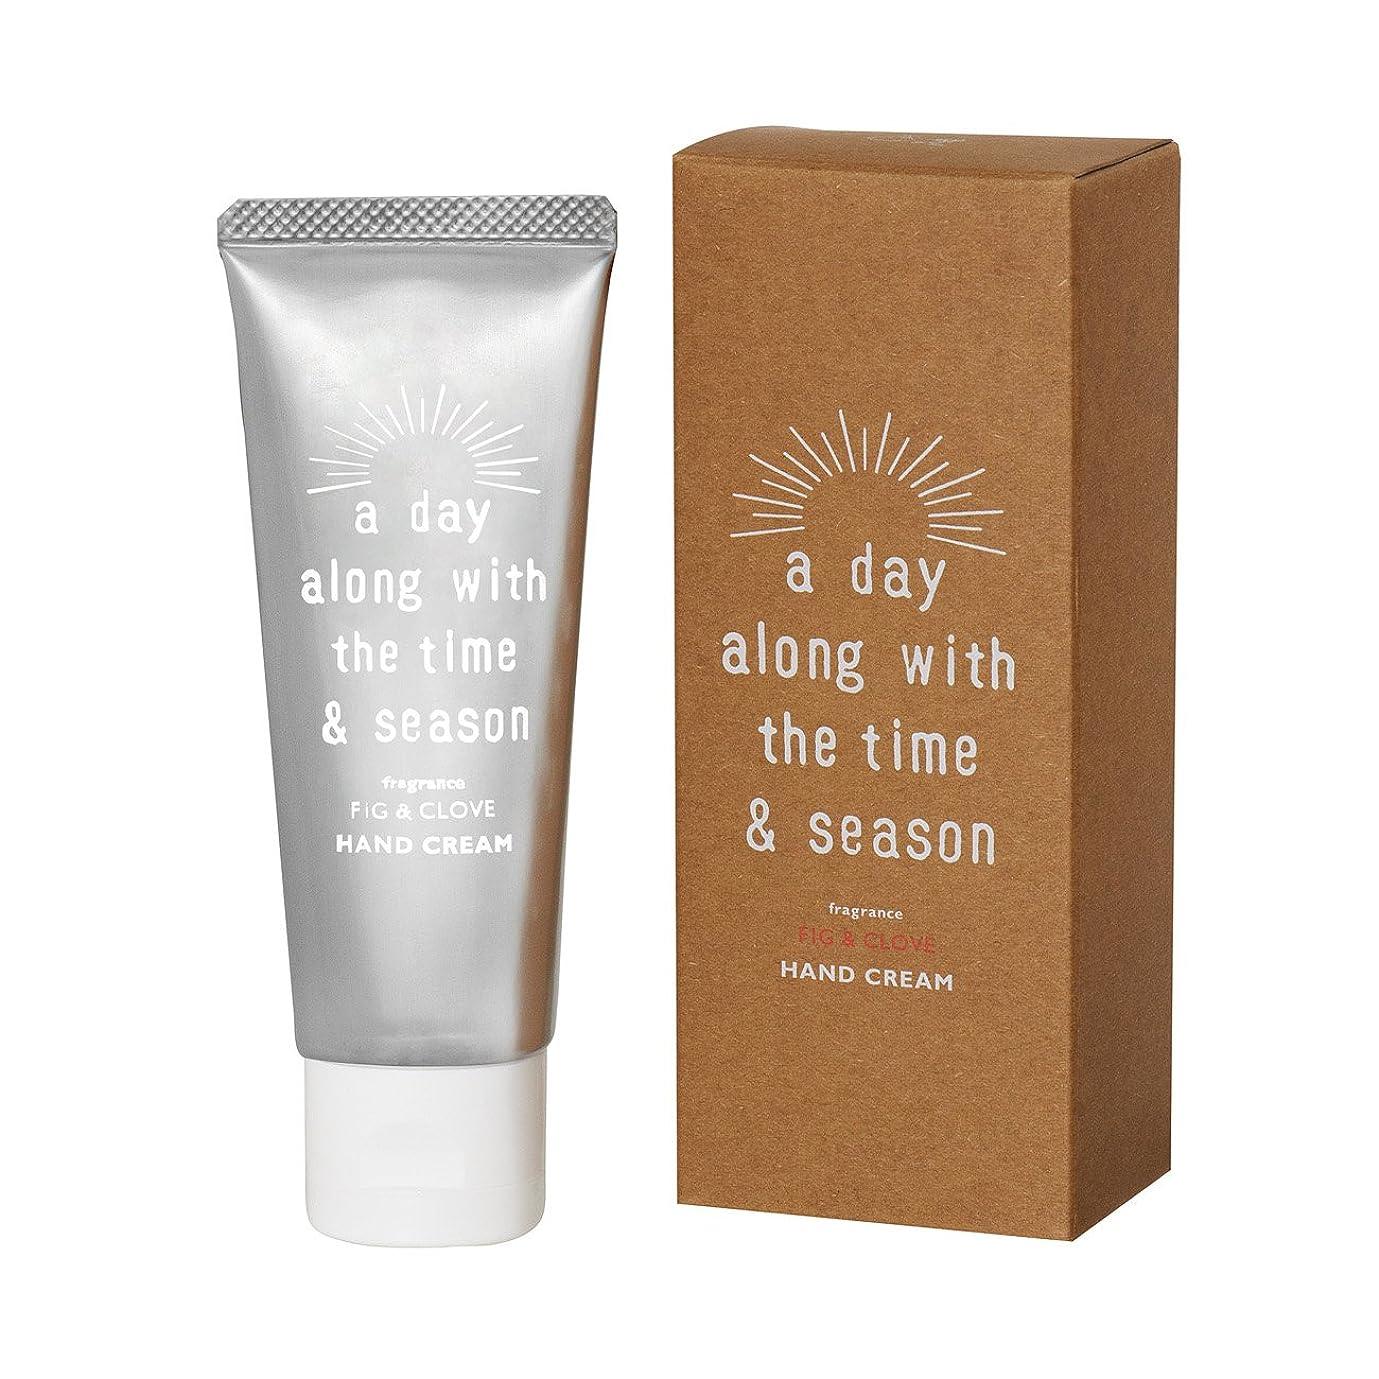 香水露出度の高いポータブルアデイ(a day) ハンドクリーム フィグ&クローブ 50g(低刺激弱酸性 天然由来 手肌用保湿 個性的でフルーティーなフィグにオリエンタルなクローブを組み合わせた香り)